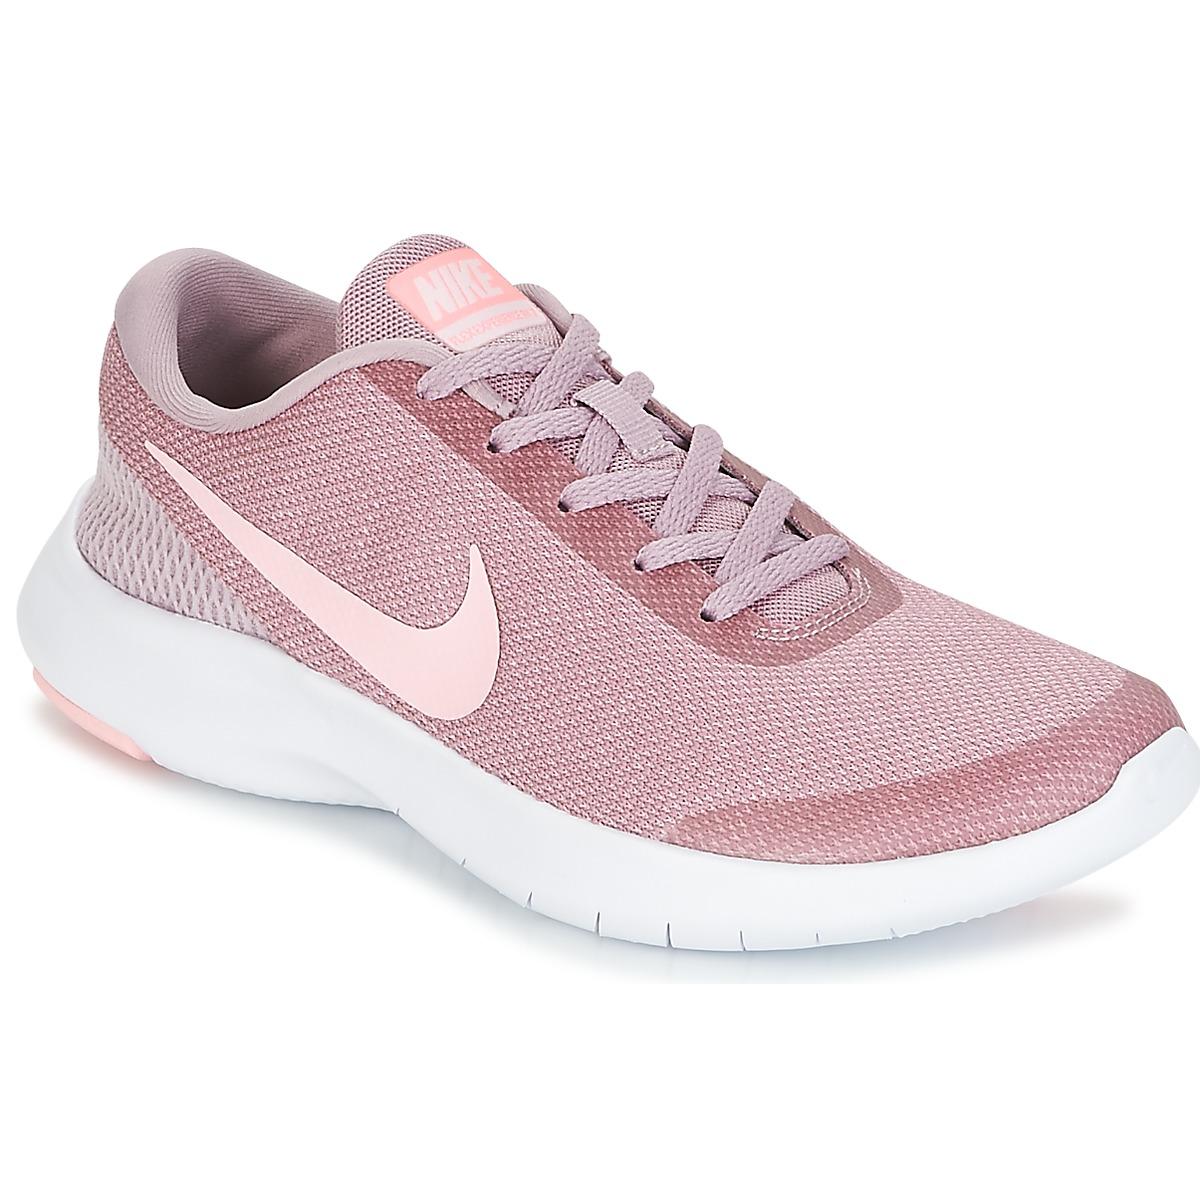 Nike FLEX EXPERIENCE RUN 7 W Rose - Kostenloser Versand bei Spartoode ! - Schuhe Laufschuhe Damen 51,99 €